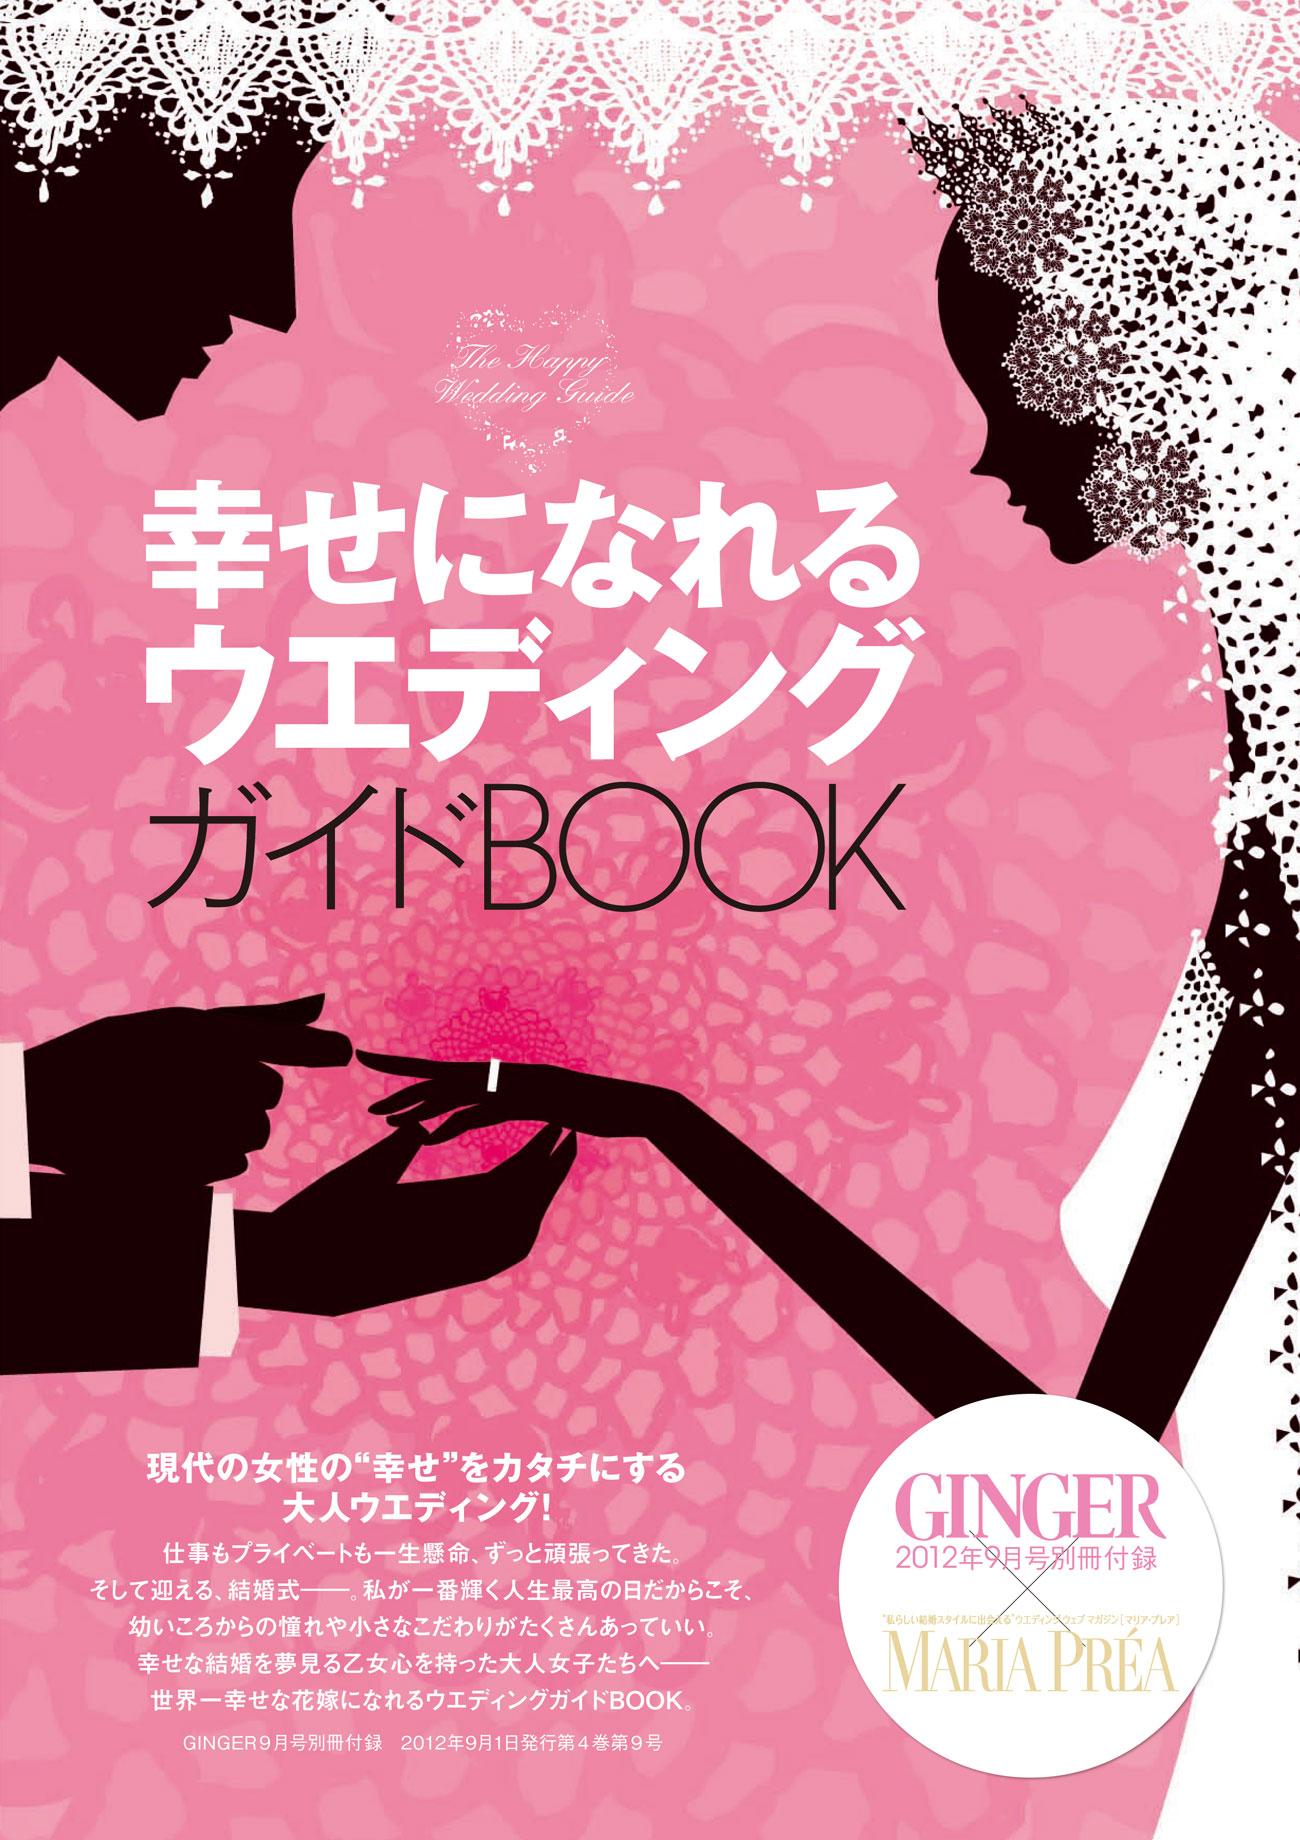 女性ファッション雑誌「GINGER」と ウエディング ウェブ マガジン「MARIA PREA」がタイアップ 「GINGER」9月号に別冊付録「幸せになれるウエディングガイドBOOK」を封入